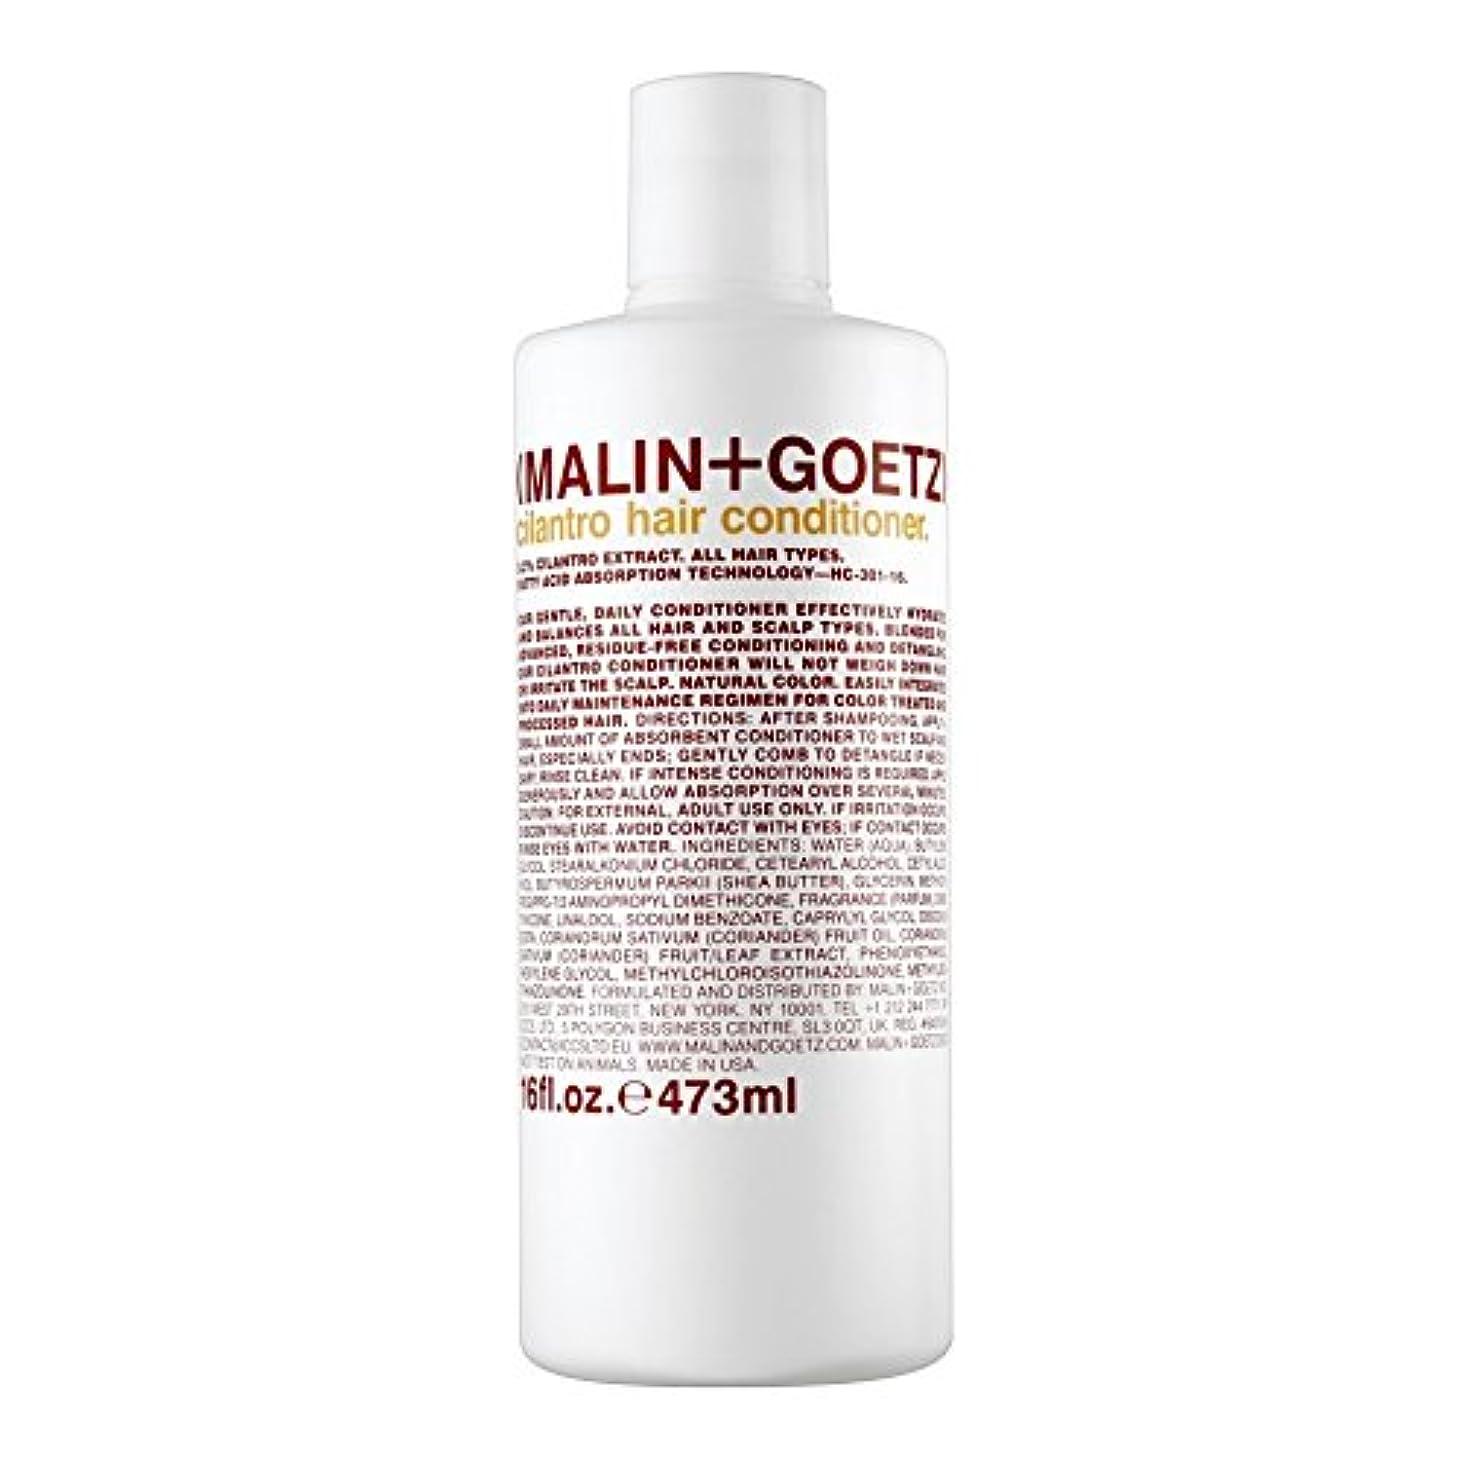 支払い本当にファンネルウェブスパイダーマリン+ゲッツコリアンダーのヘアコンディショナー473ミリリットル x4 - MALIN+GOETZ Cilantro Hair Conditioner 473ml (Pack of 4) [並行輸入品]